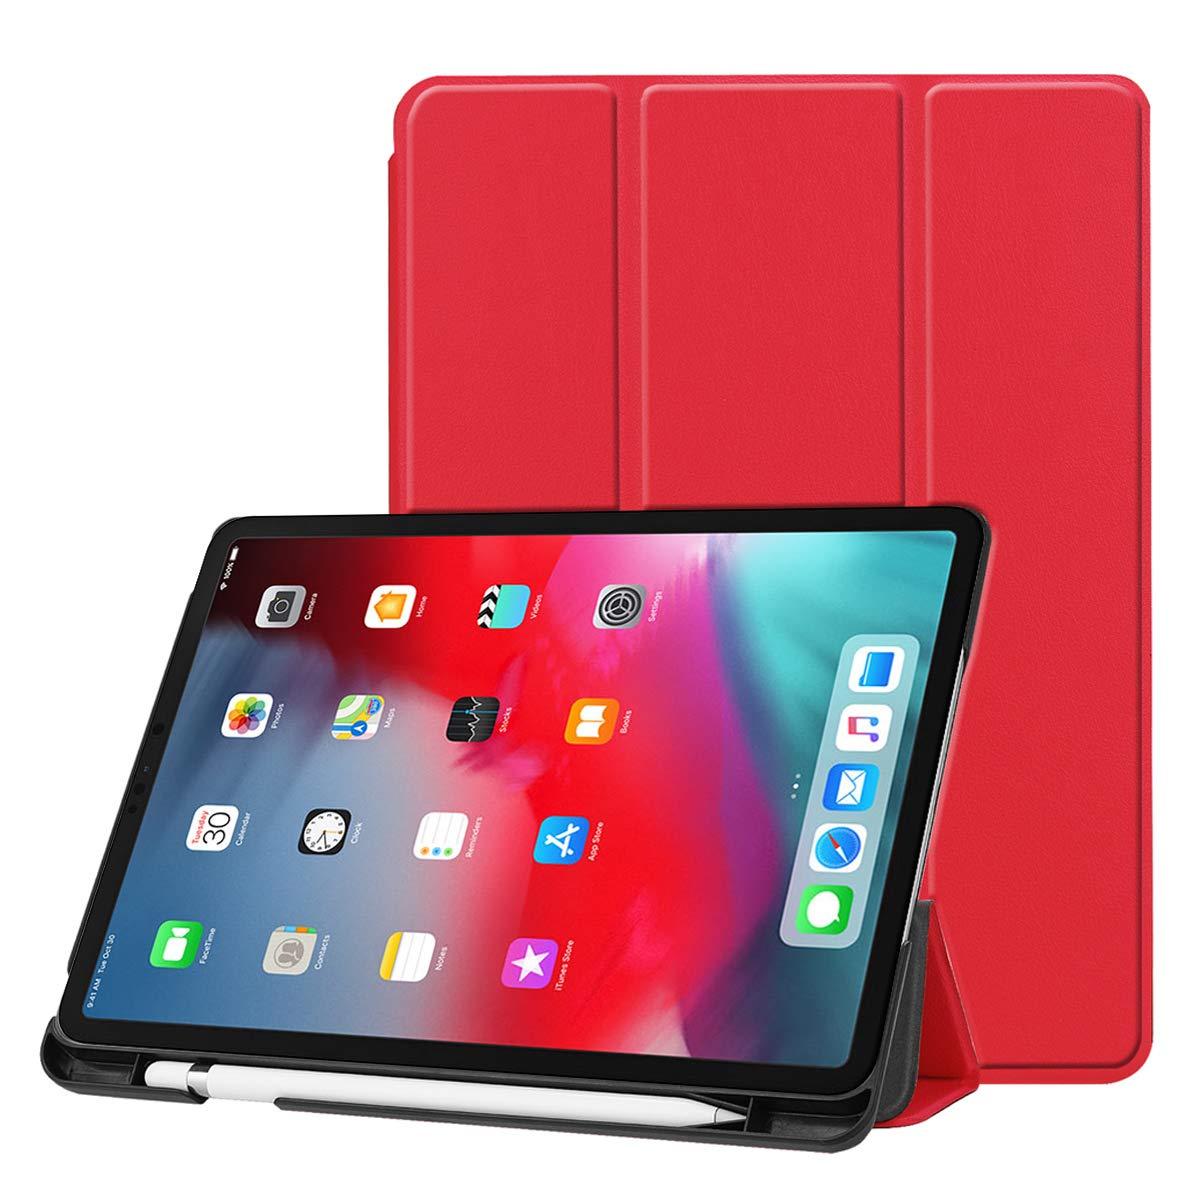 Torubia 12.9 iPad Pro 2018用 12.9 インチ 2018 ウォレットケース iPad Pro Pro 12.9 インチ 2018 レザーケース プレミアムPUレザー 表面 フォリオスタンド バンパーバックカバー iPad Pro 12.9 インチ 2018用 ダークブルー, レッド, YC01-SM-242 レッド B07KFX18ND, ゴールド珈琲:756e21c3 --- harrow-unison.org.uk